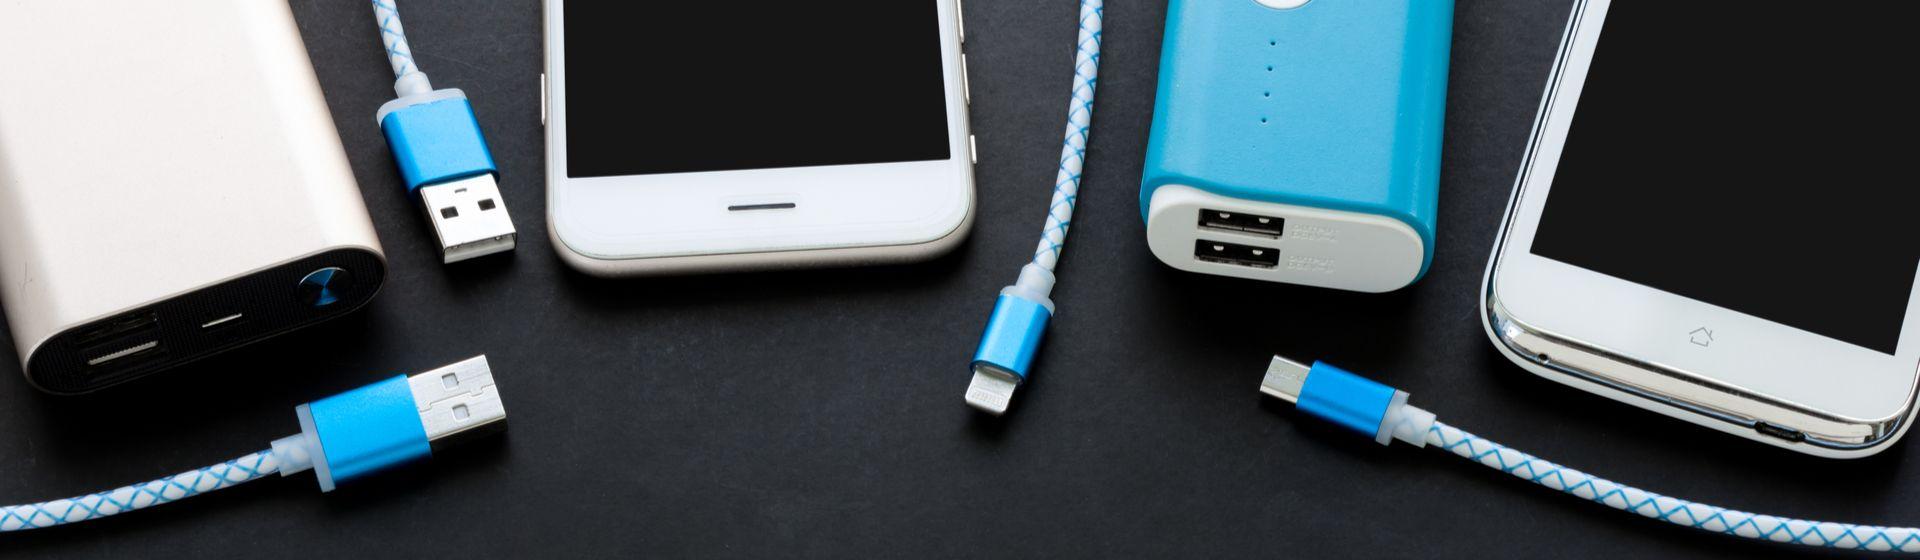 Acessórios para celular: veja produtos que podem melhorar seu dia a dia